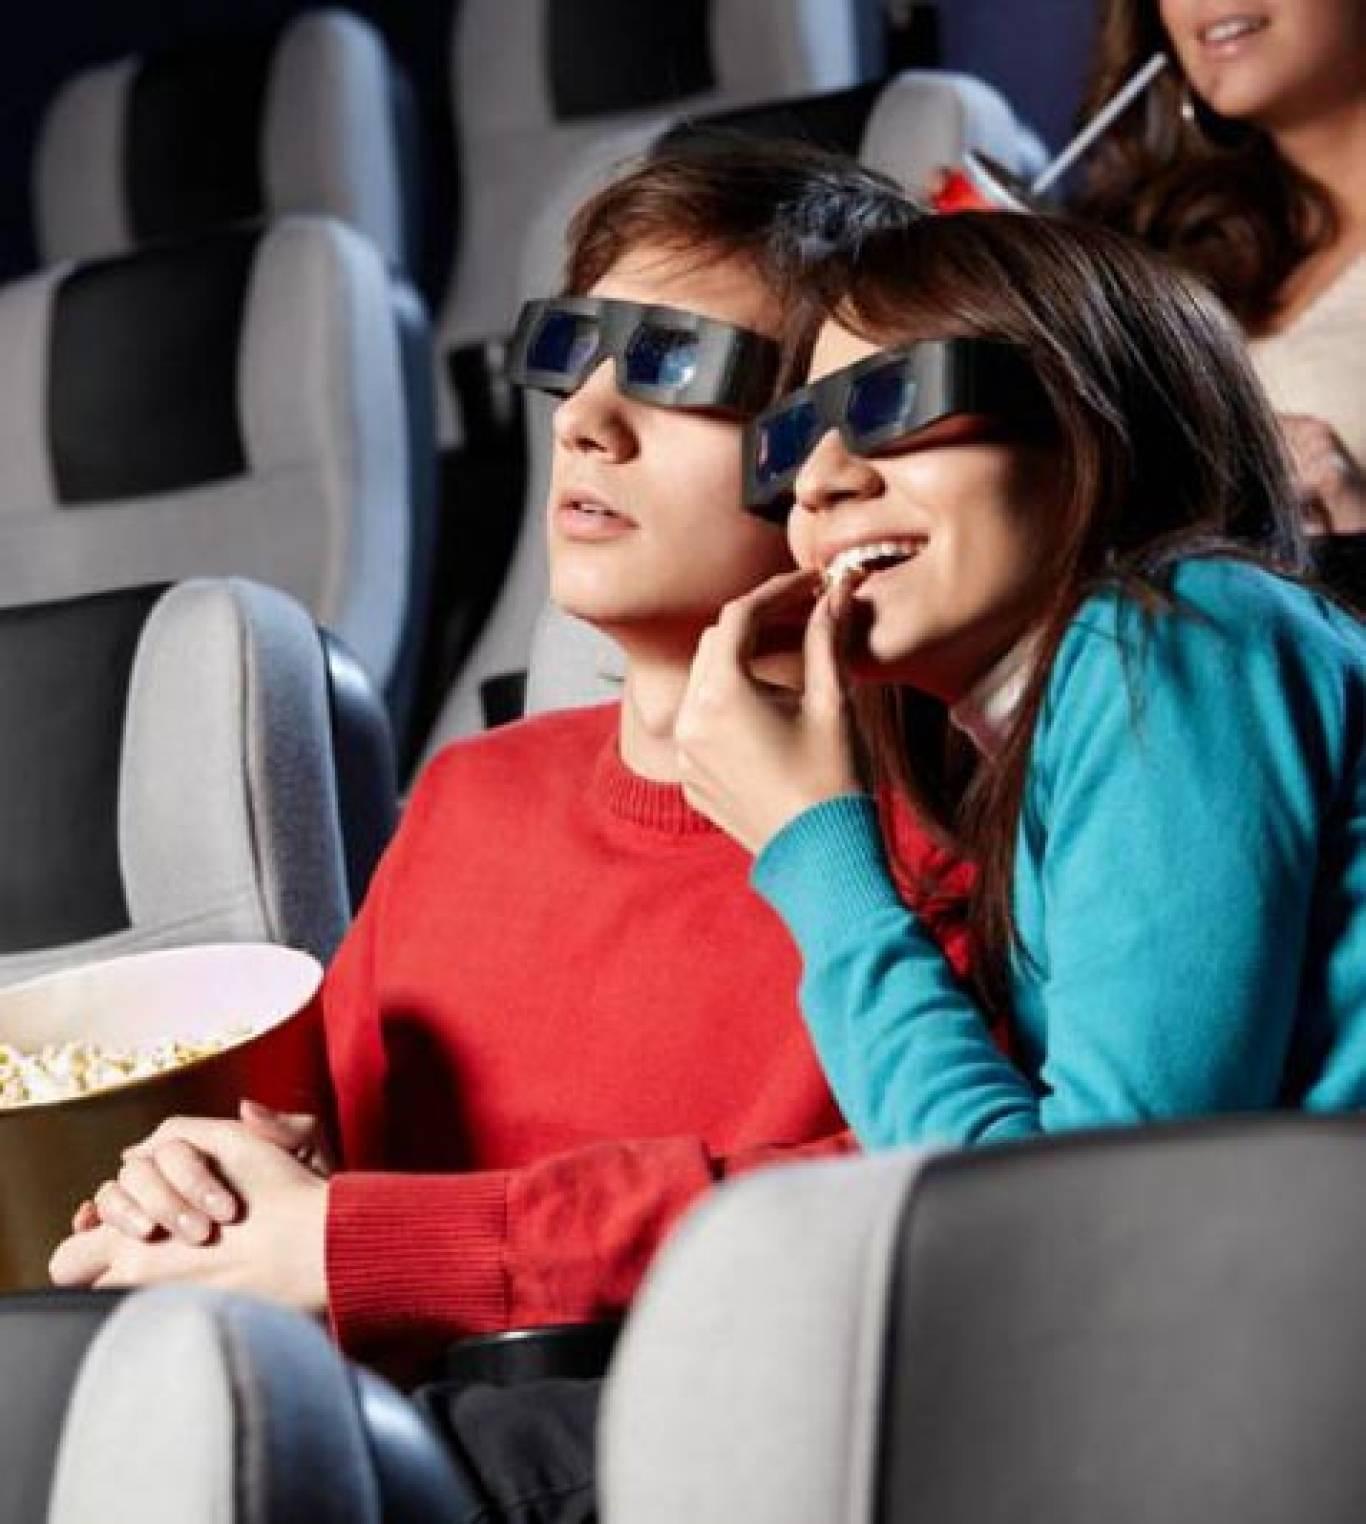 Кінотеатр «Кінопанорама»: дні надихаючого кіно про спорт